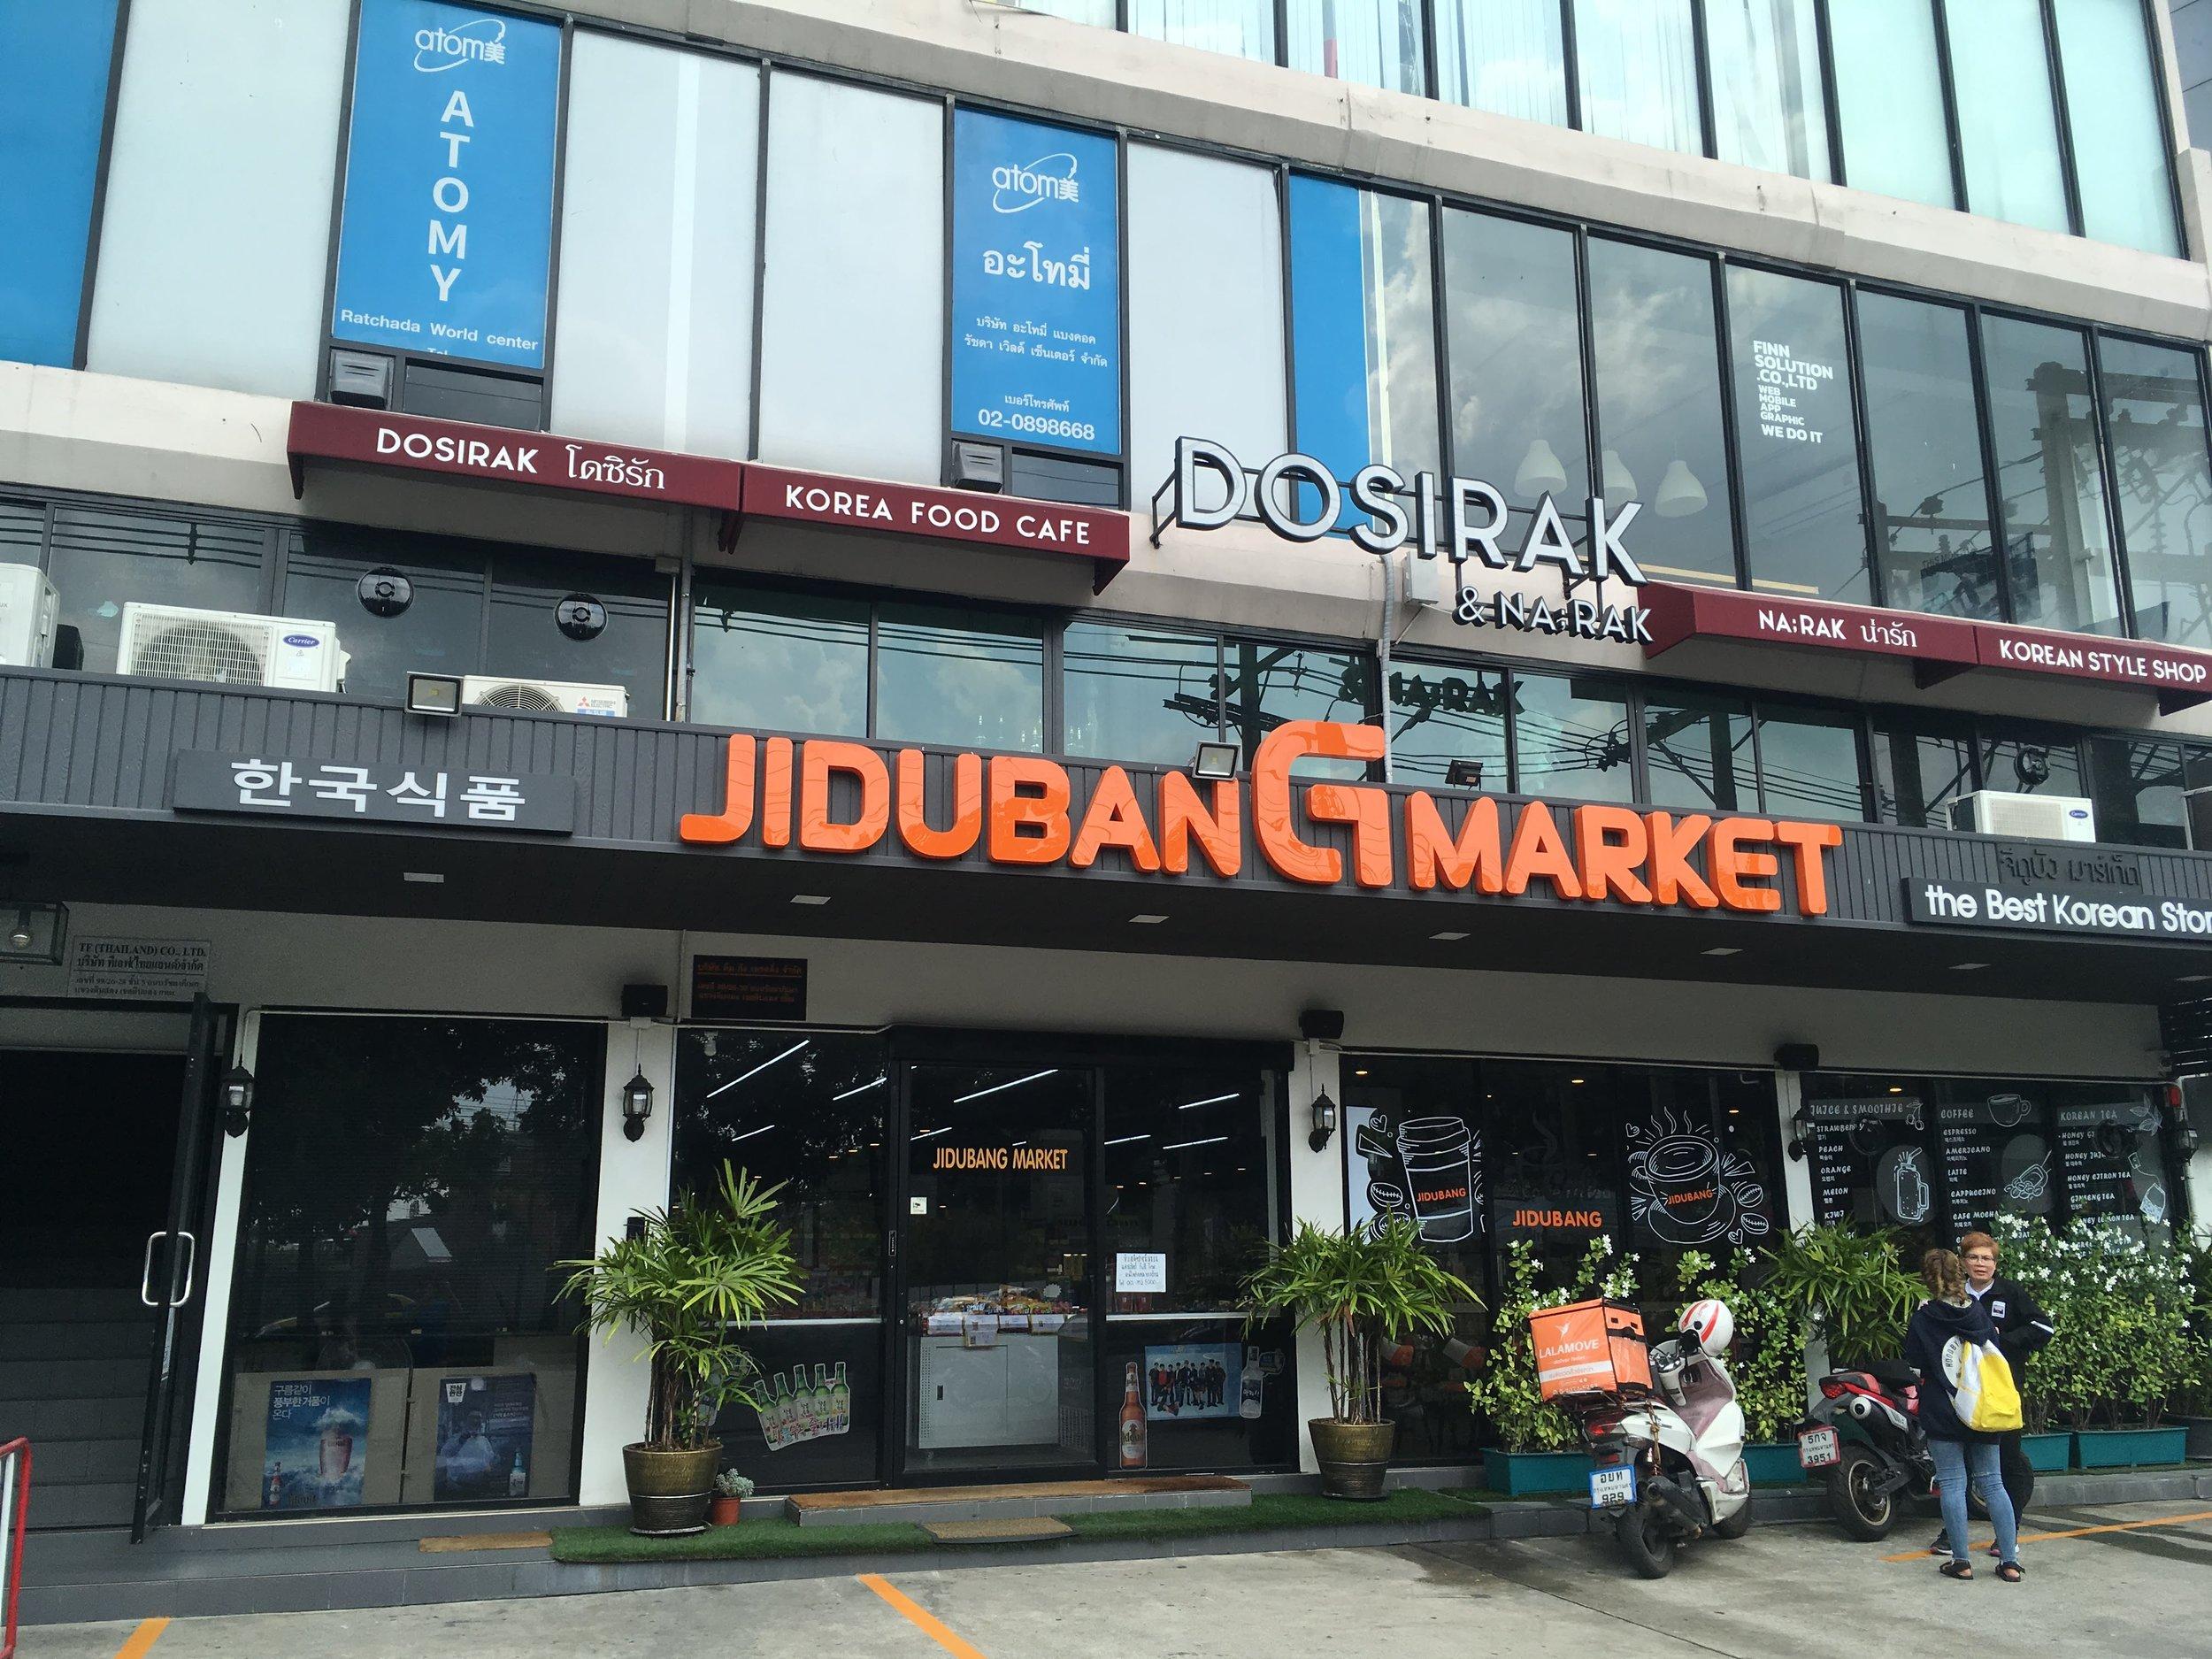 JidubanG Korean Supermarket